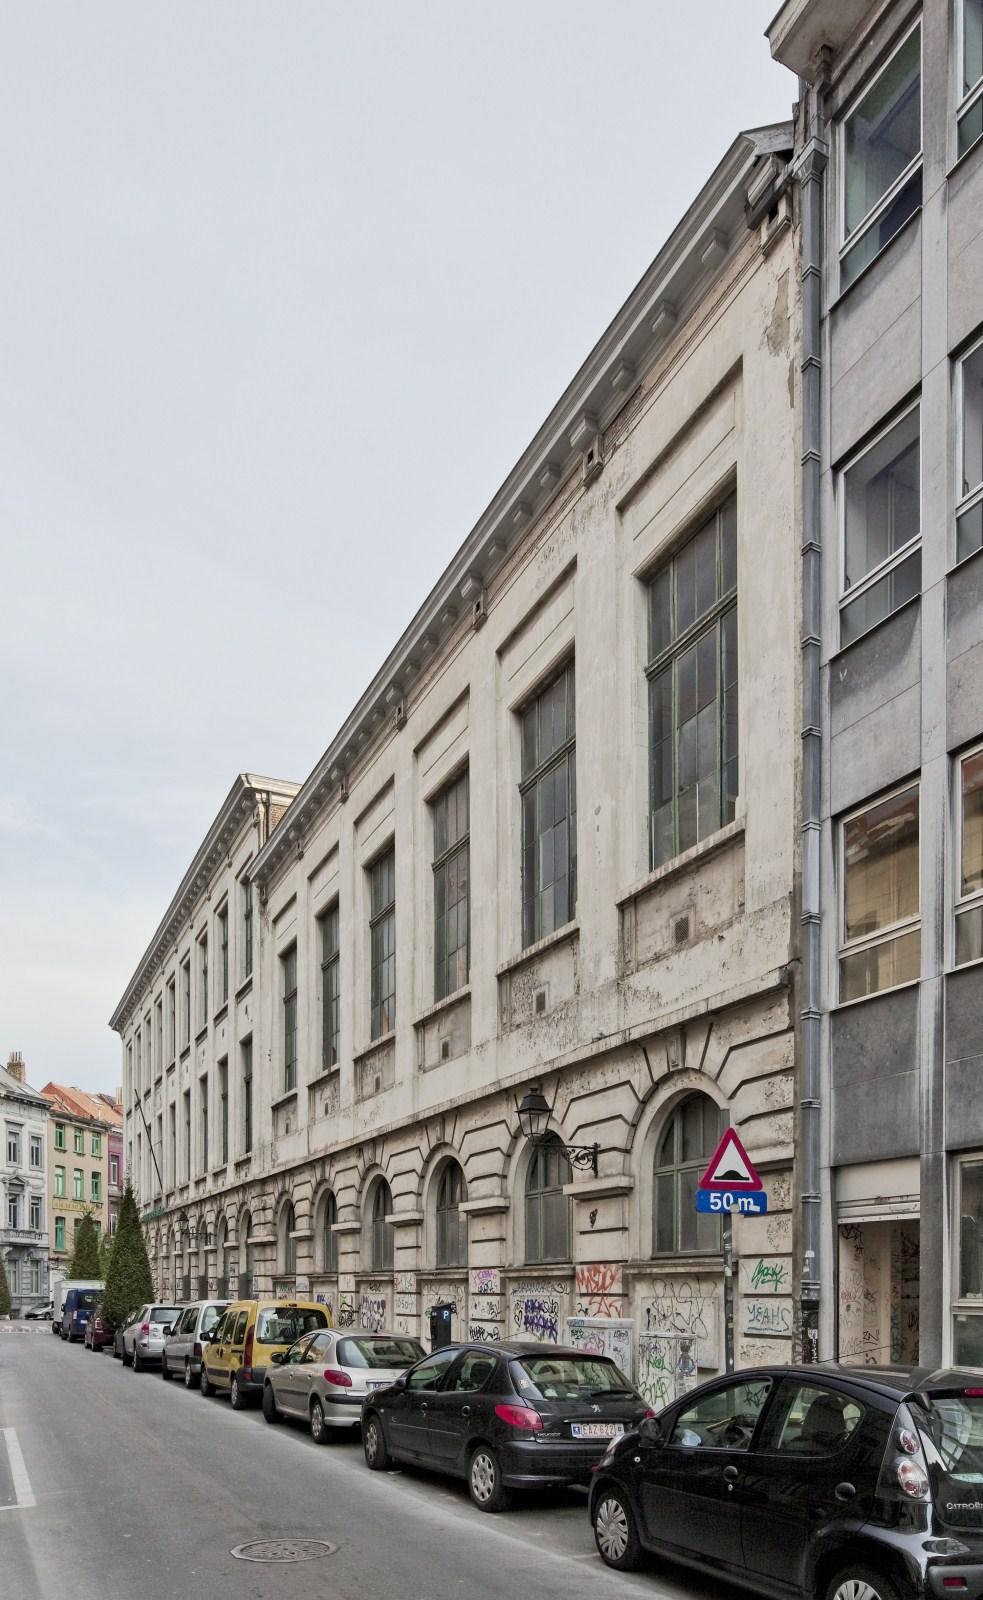 Rue de l'Athénée 17, Athénée royal d'Ixelles.© 2009 © bepictures / BRUNETTA V. – EBERLIN M.